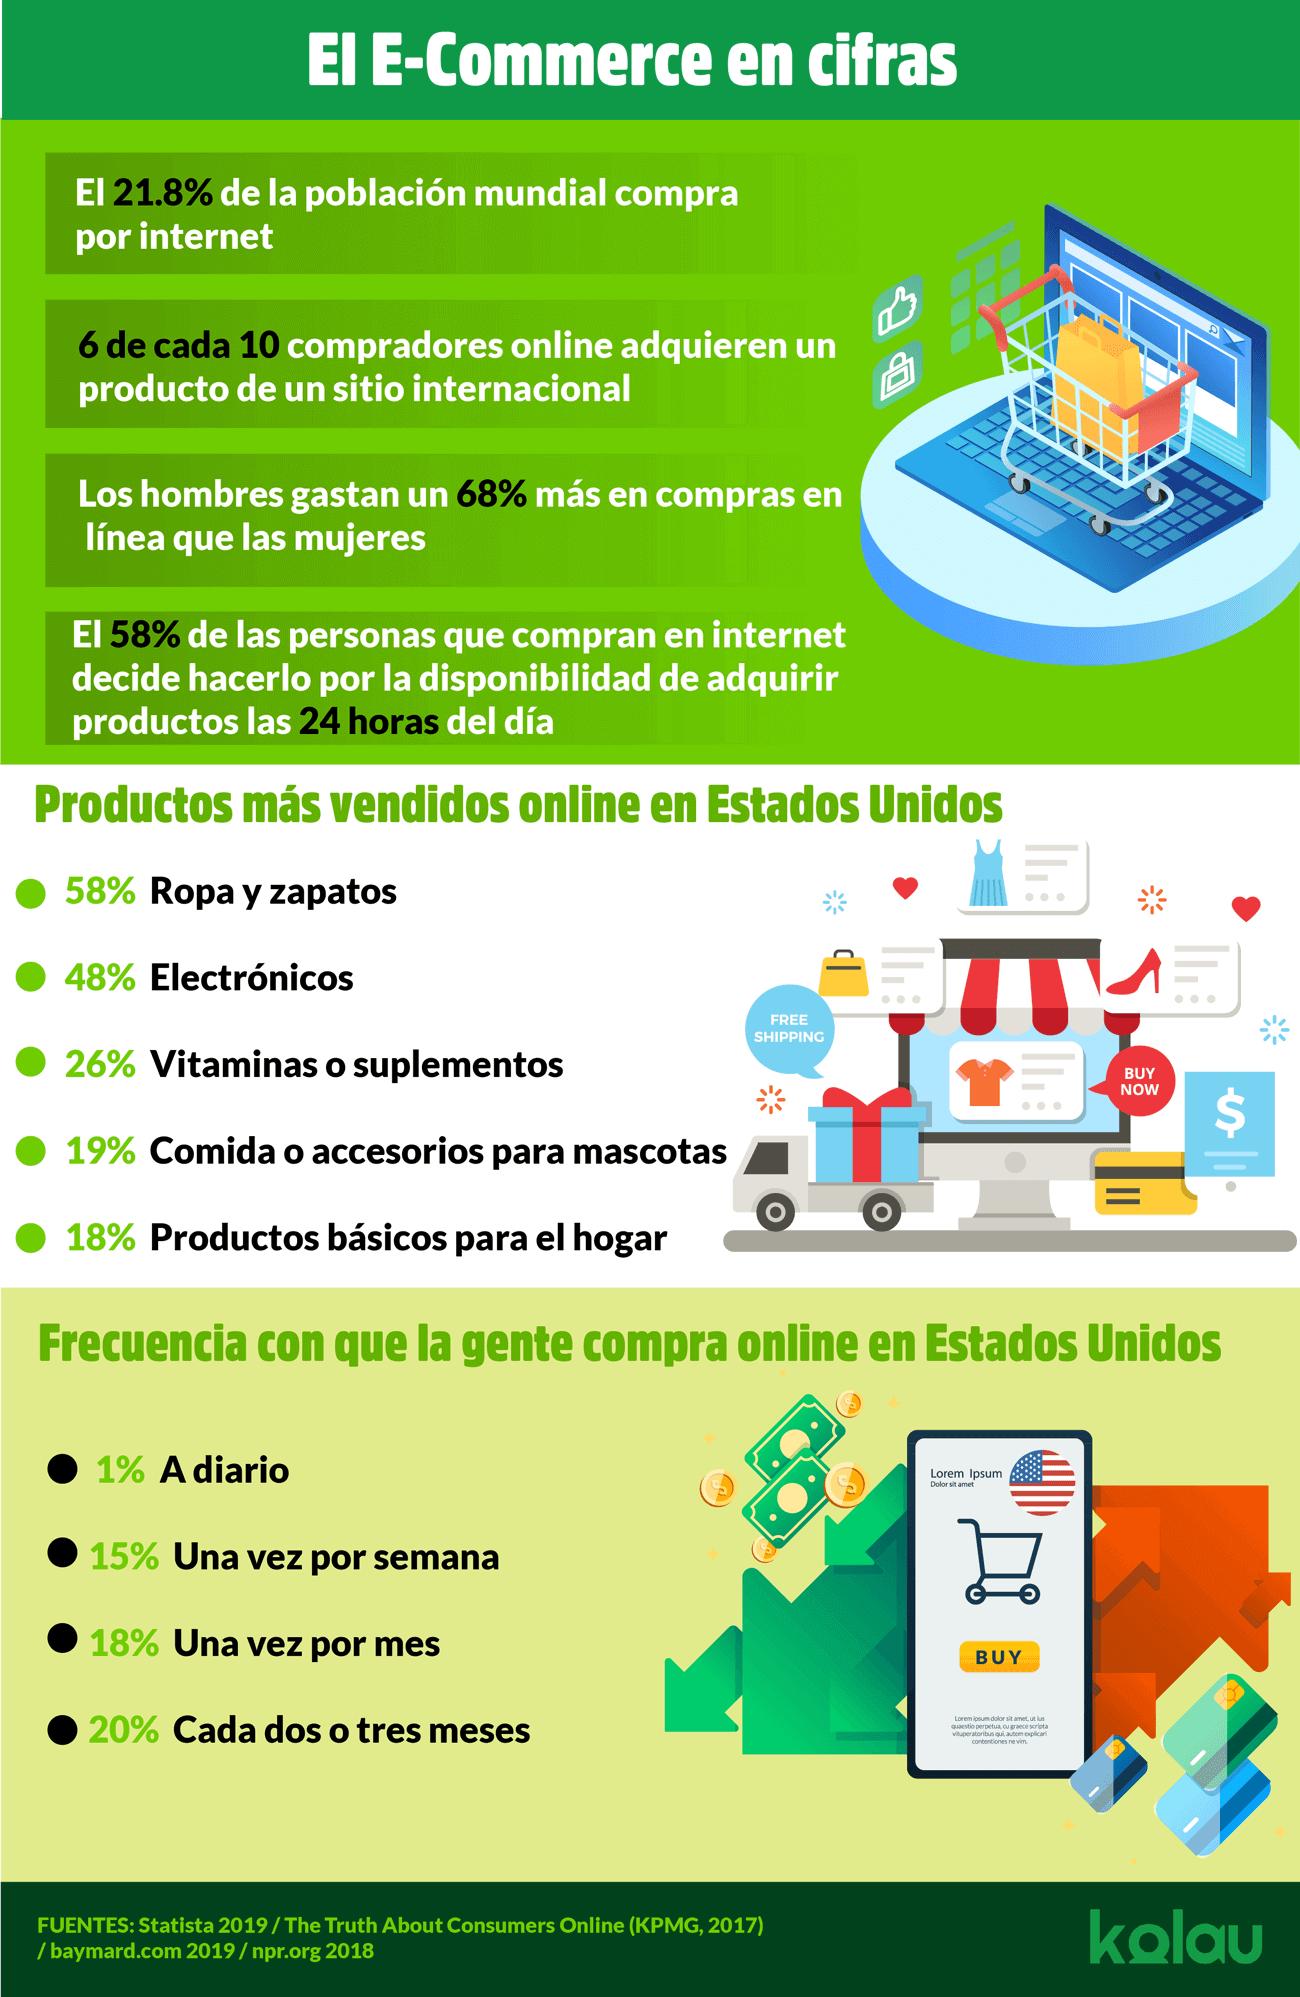 El E-commerce en cifras.